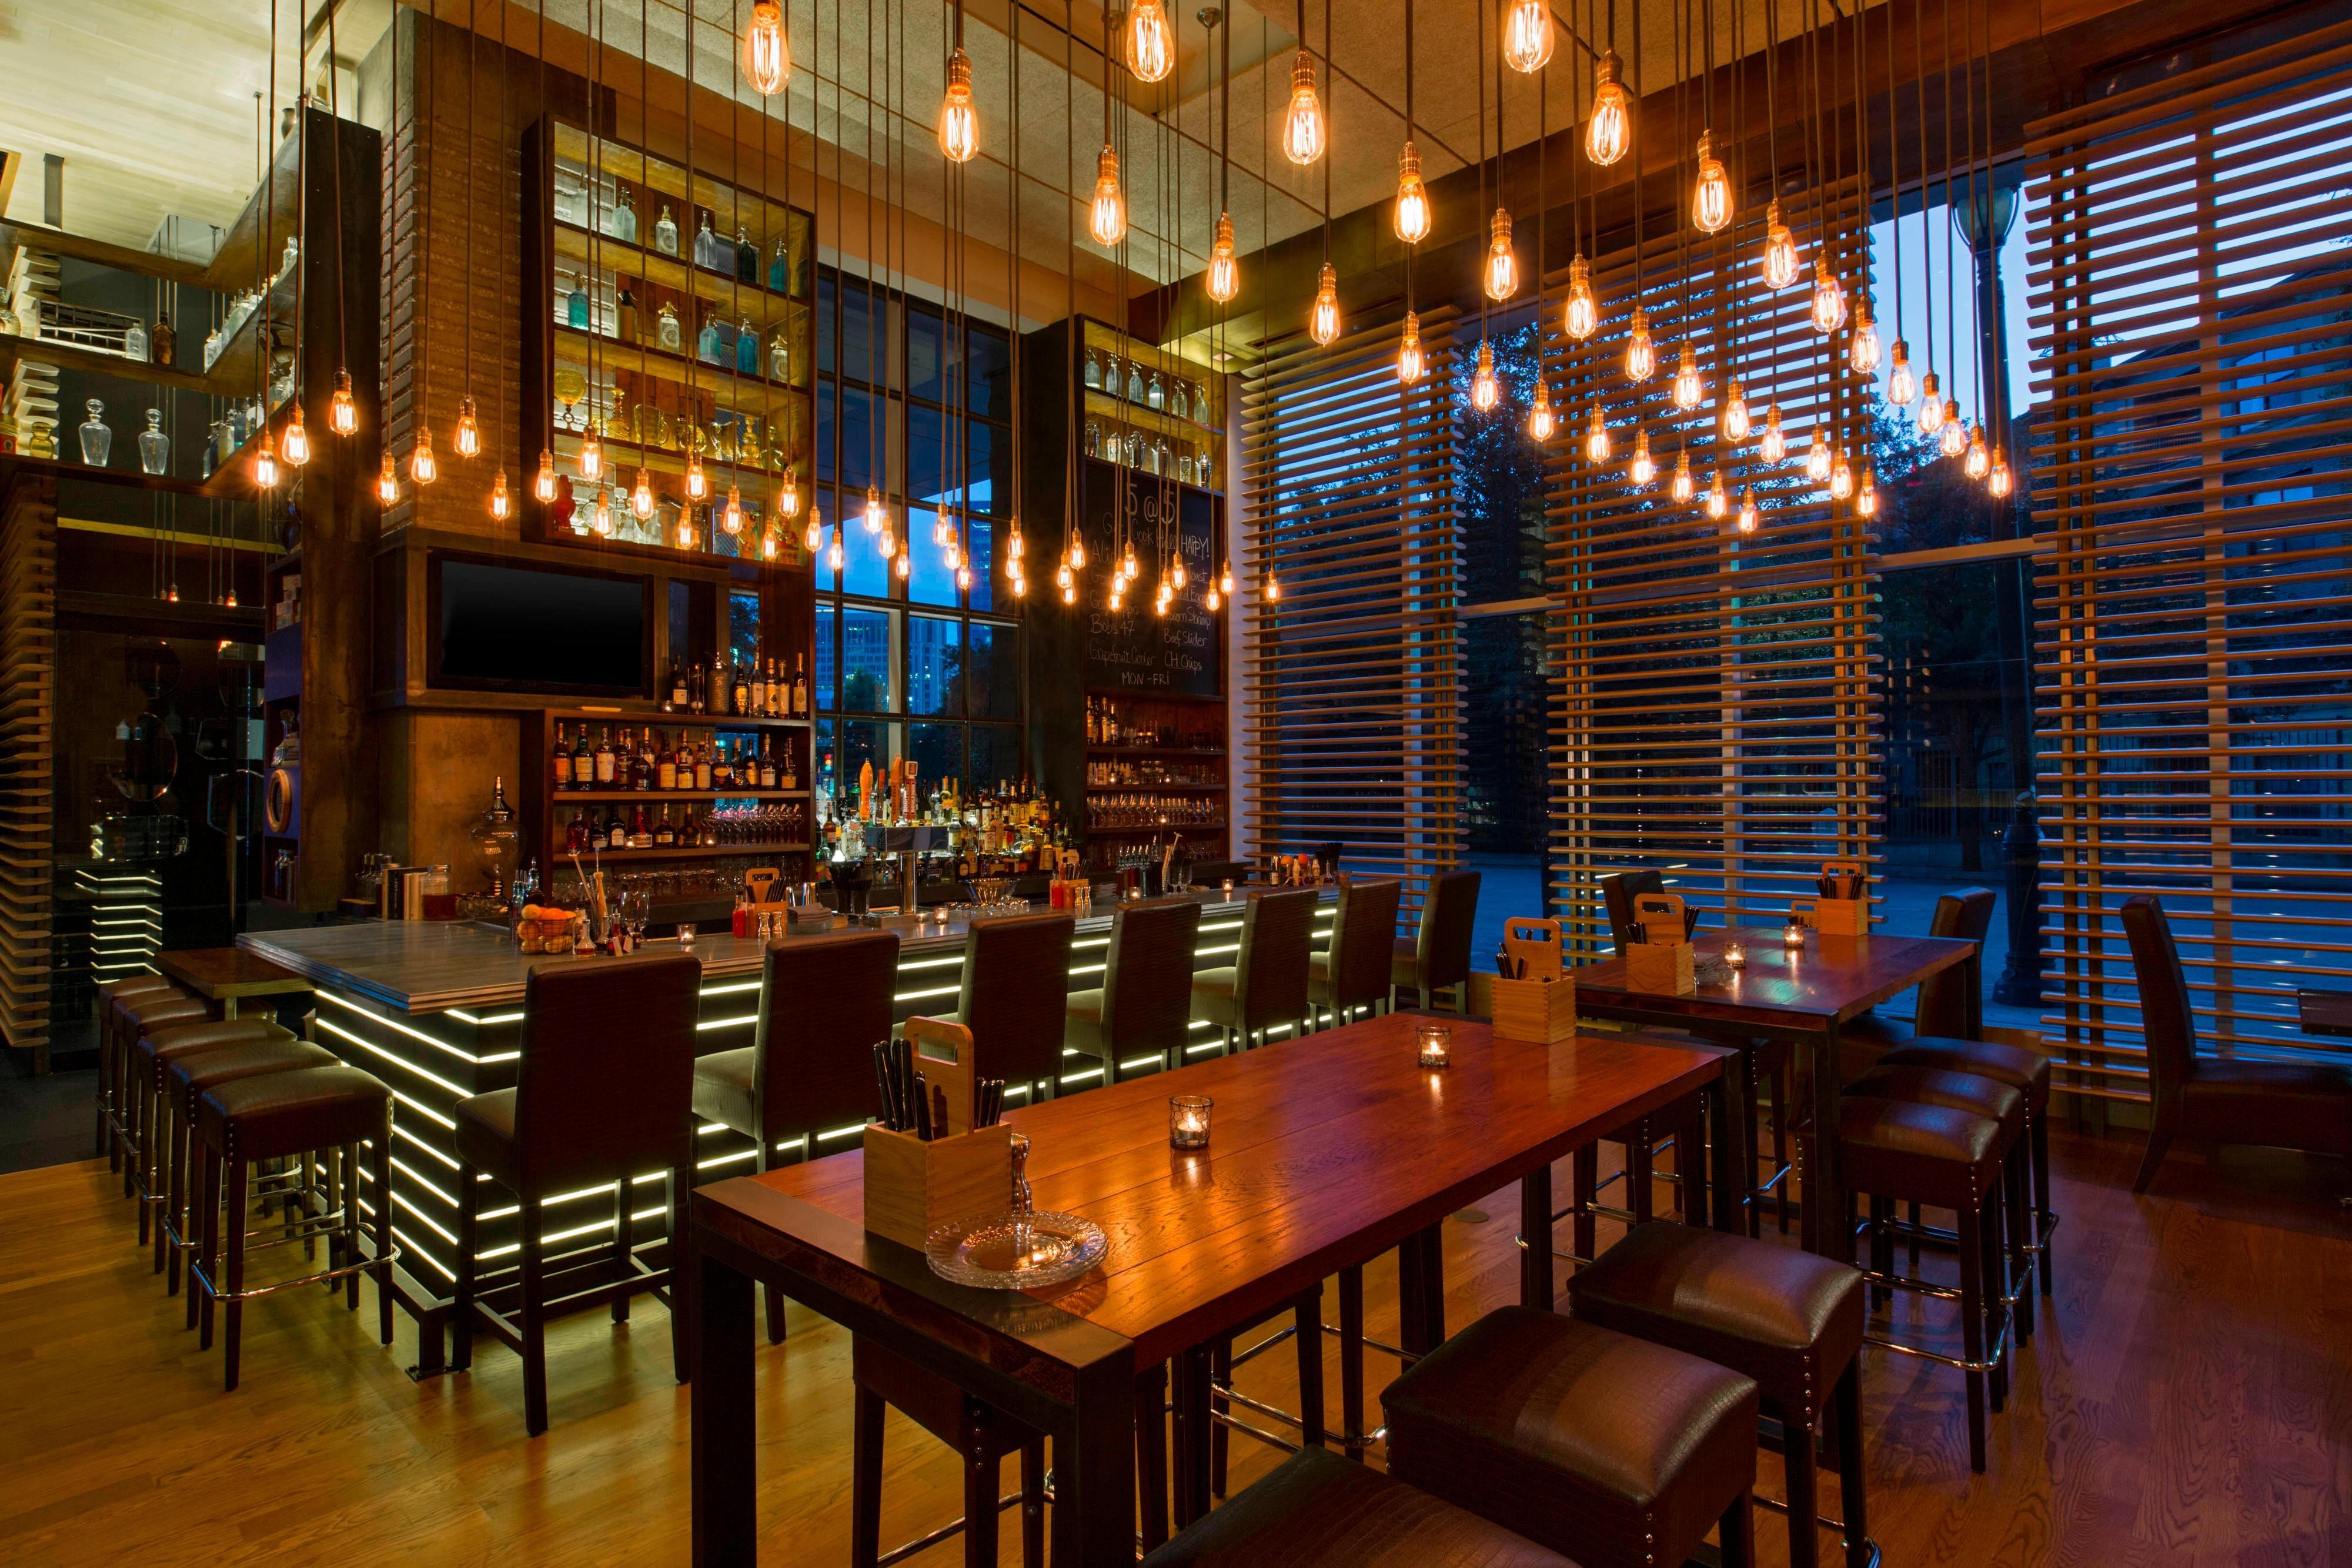 Bar in